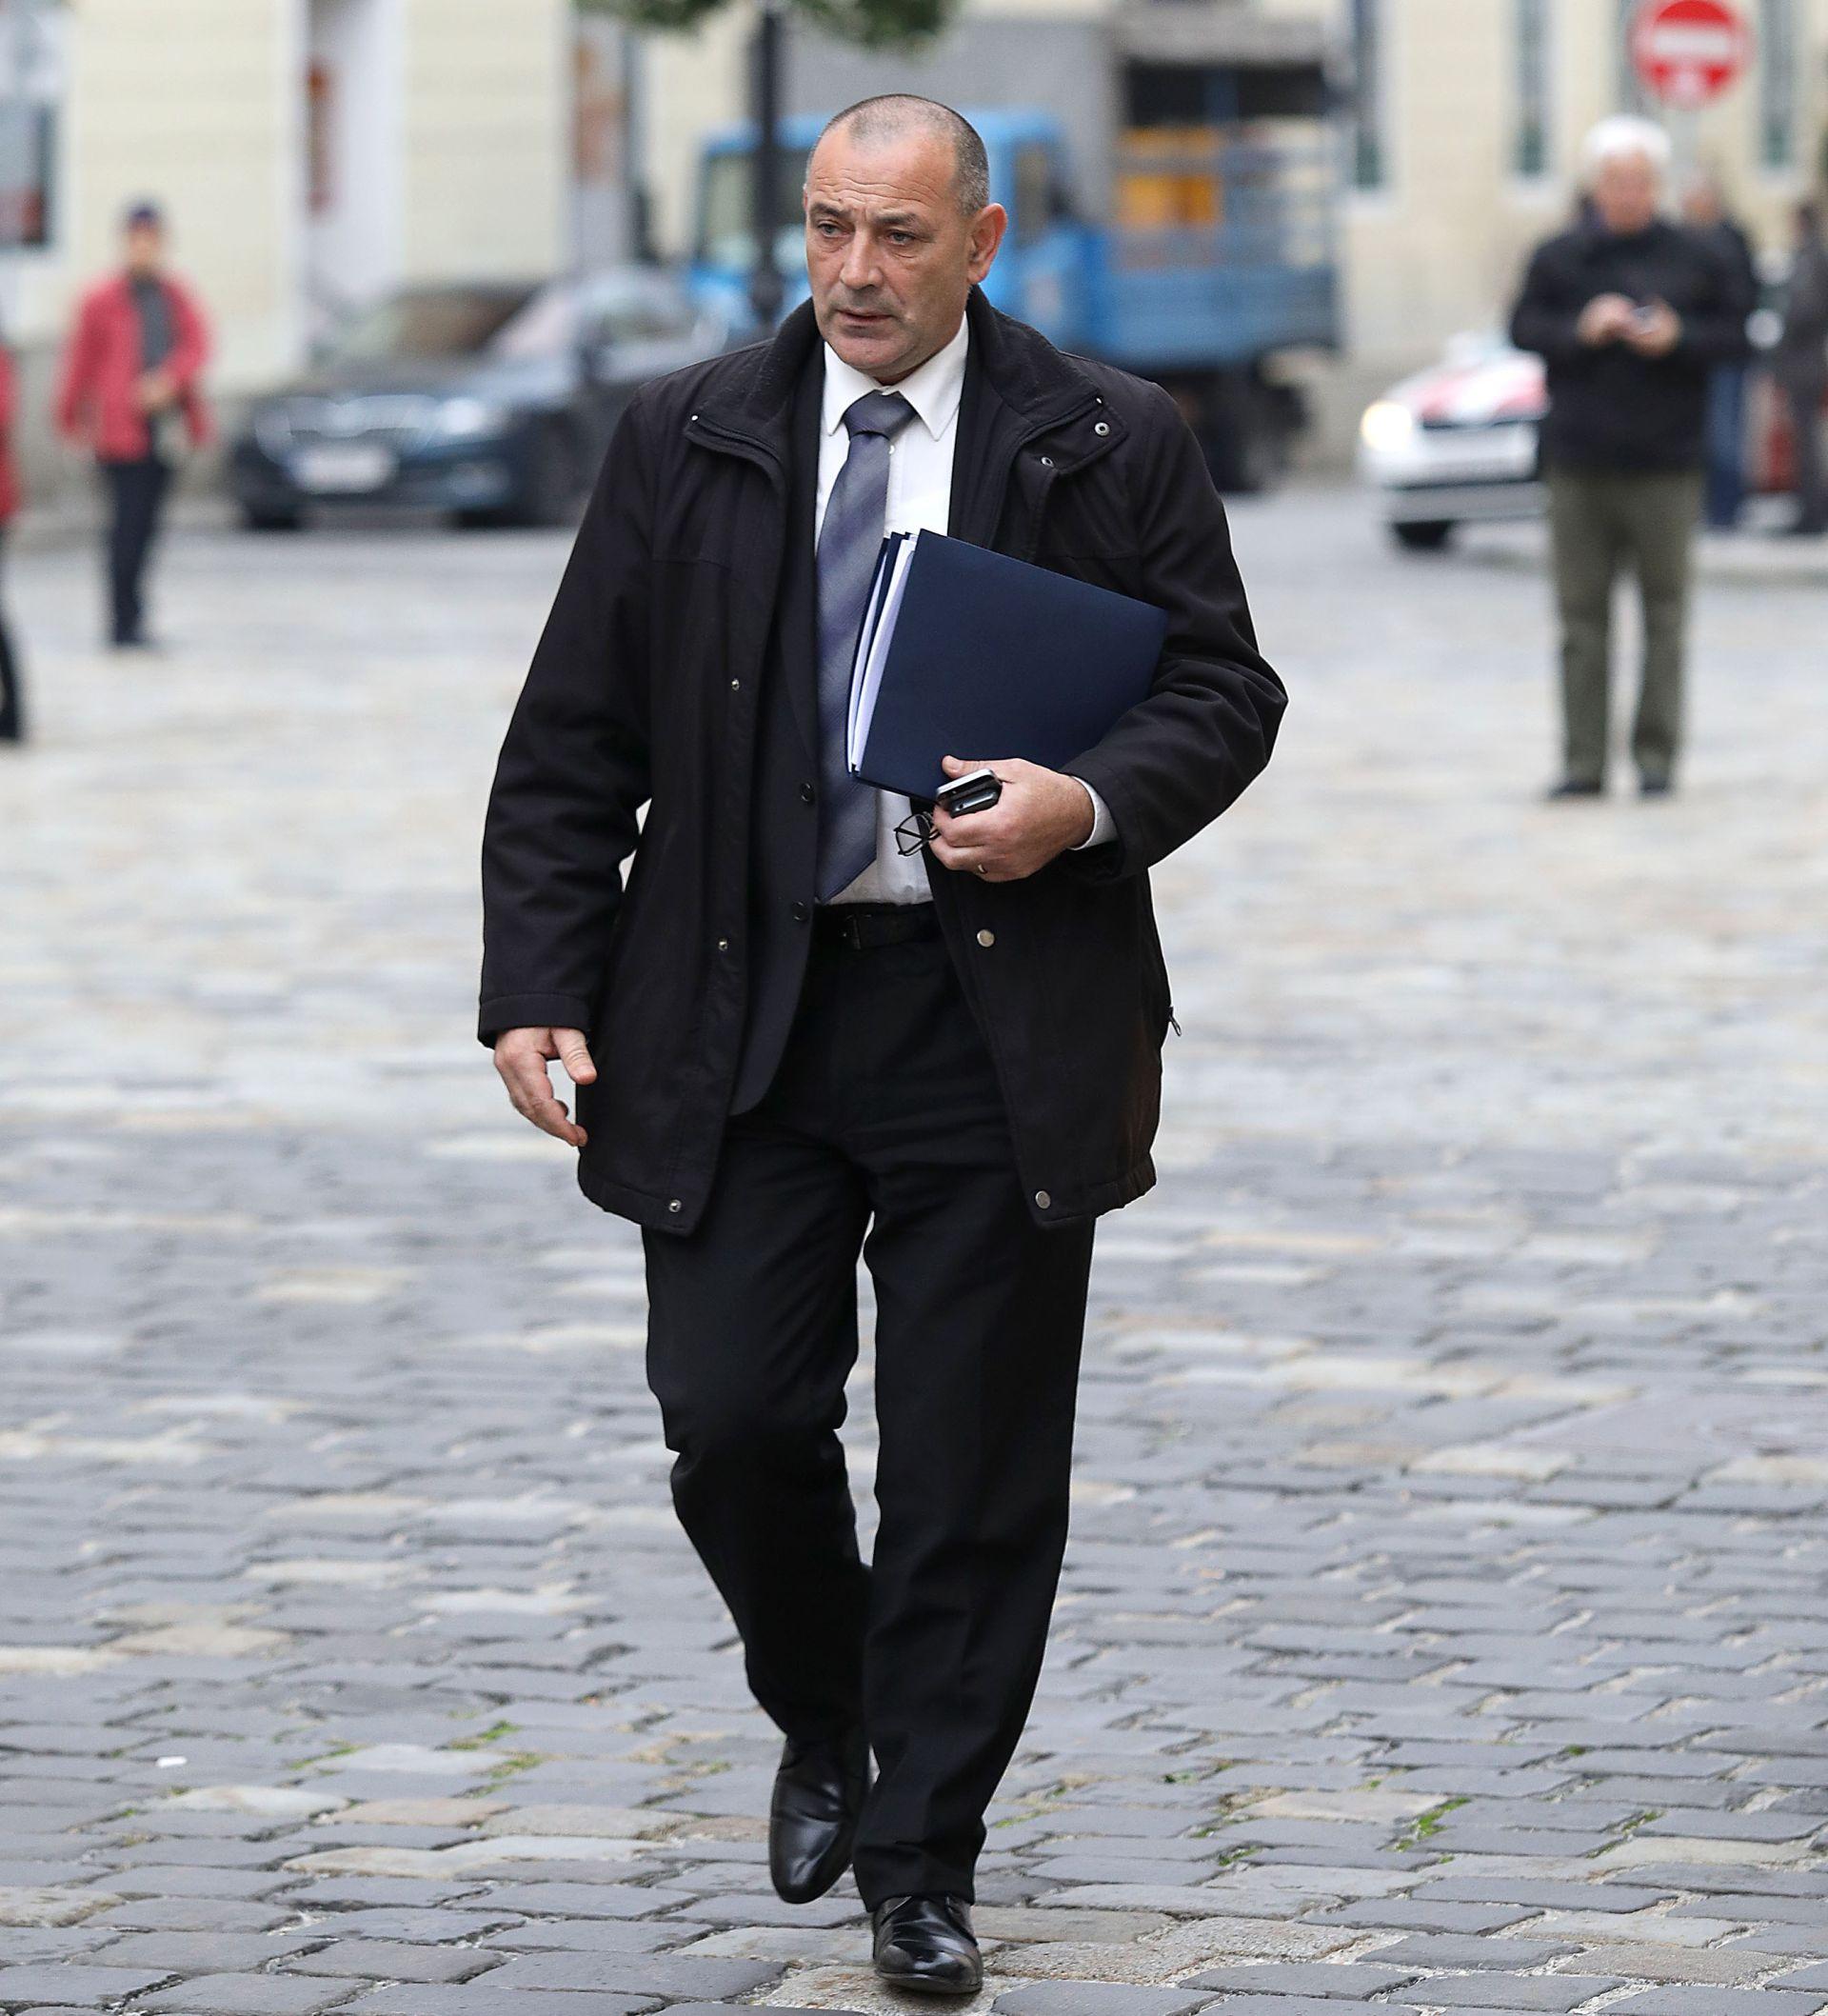 MINISTAR MEDVED: Vlada RH će pronaći najbolji model kako podržati Hrvate u BiH